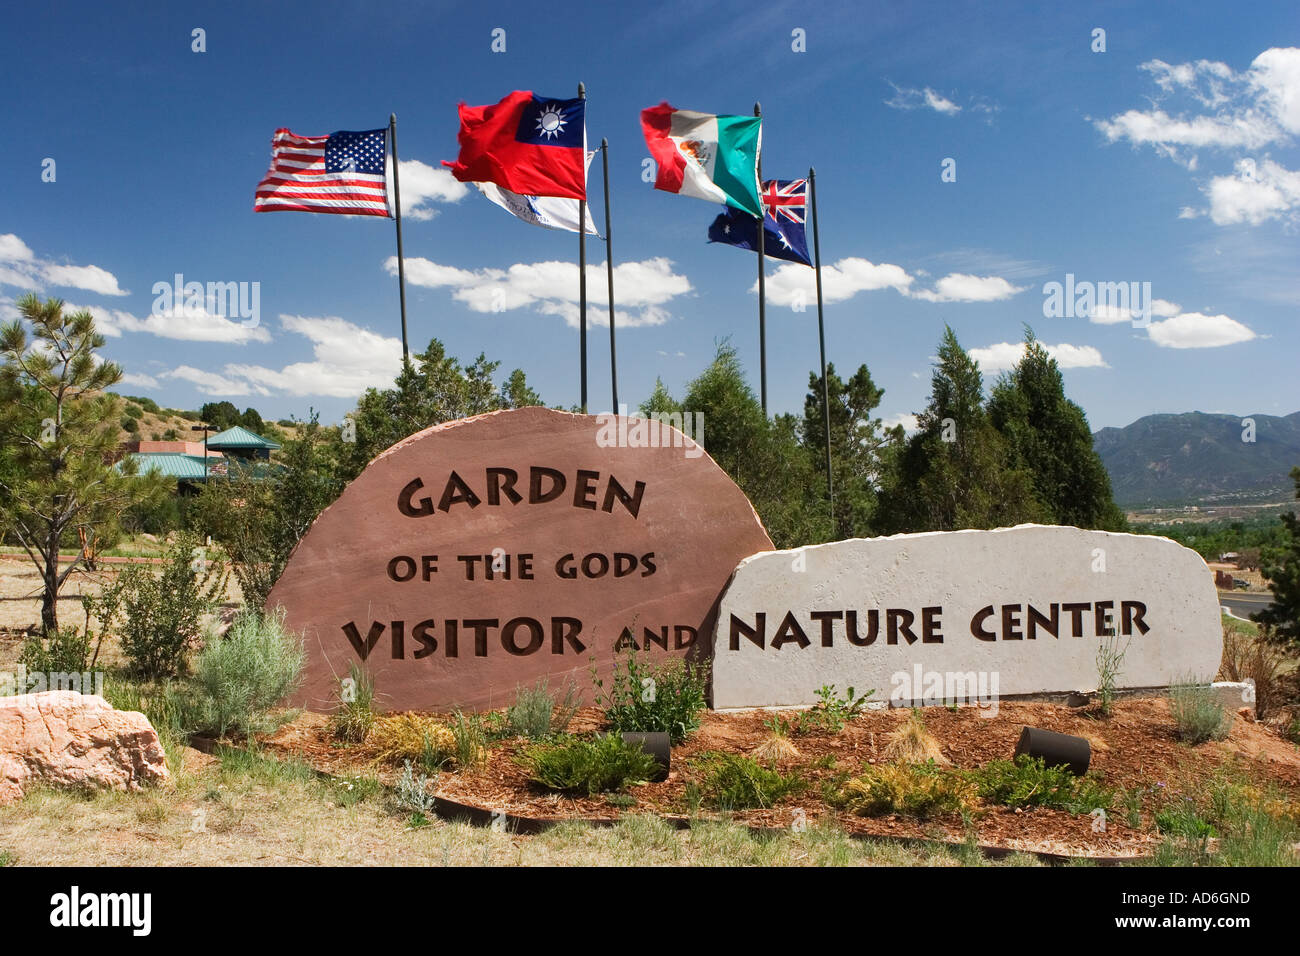 Garden Gods Visitor Center Stock Photos & Garden Gods Visitor Center ...